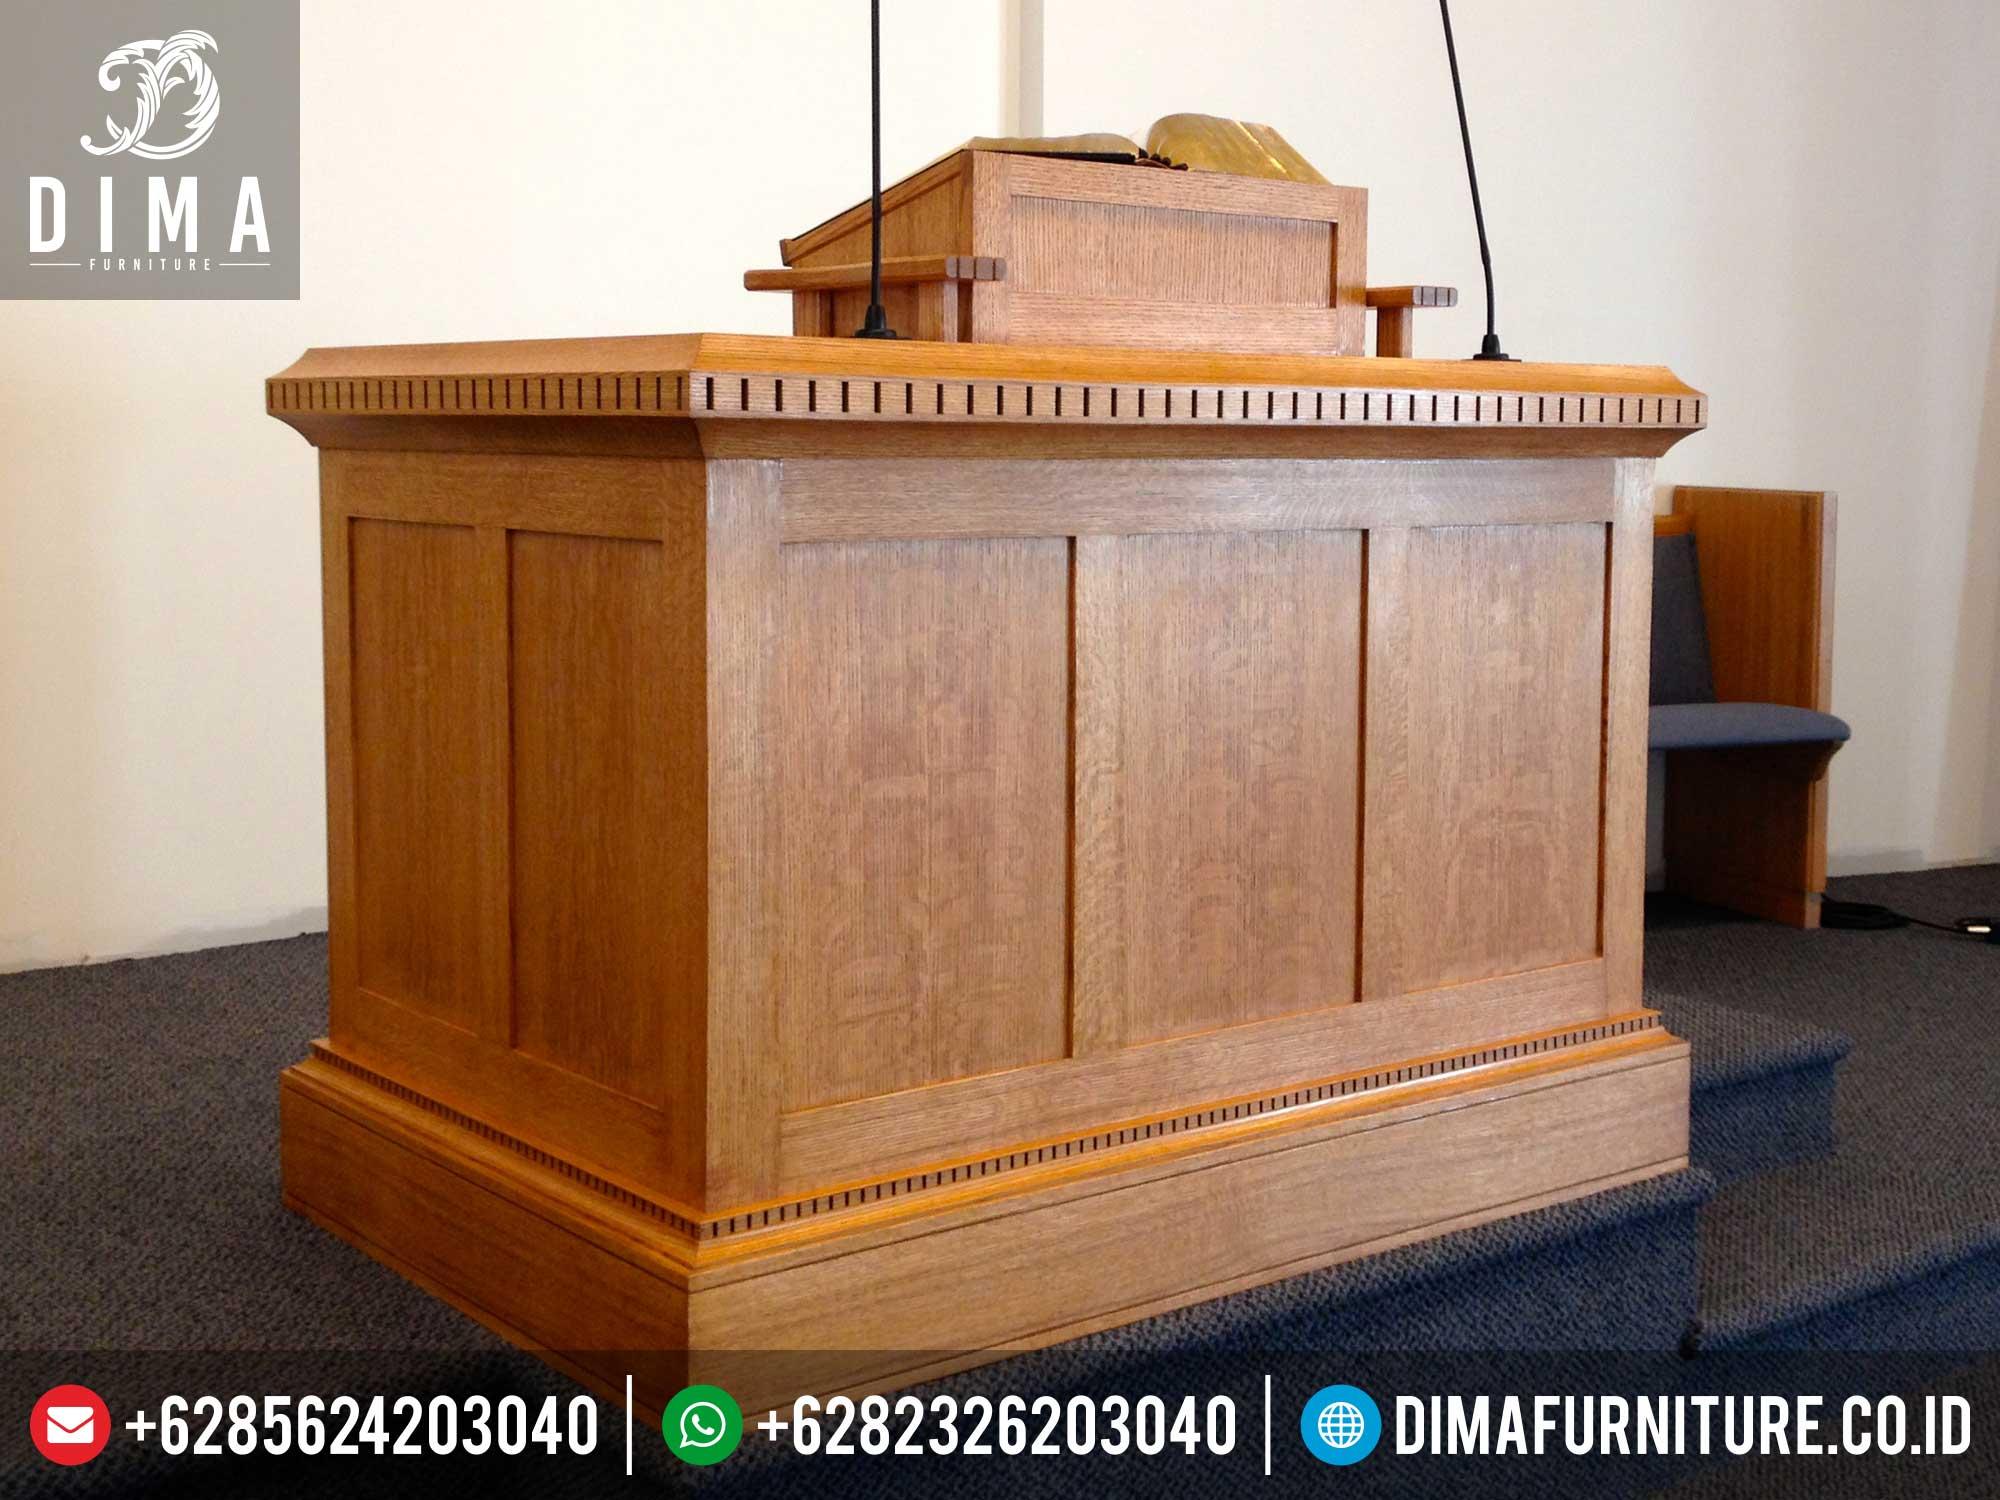 Mimbar Gereja Minimalis Terbaru, Mimbar Podium Ceramah, Mimbar Minimalis Jepara ST-0335